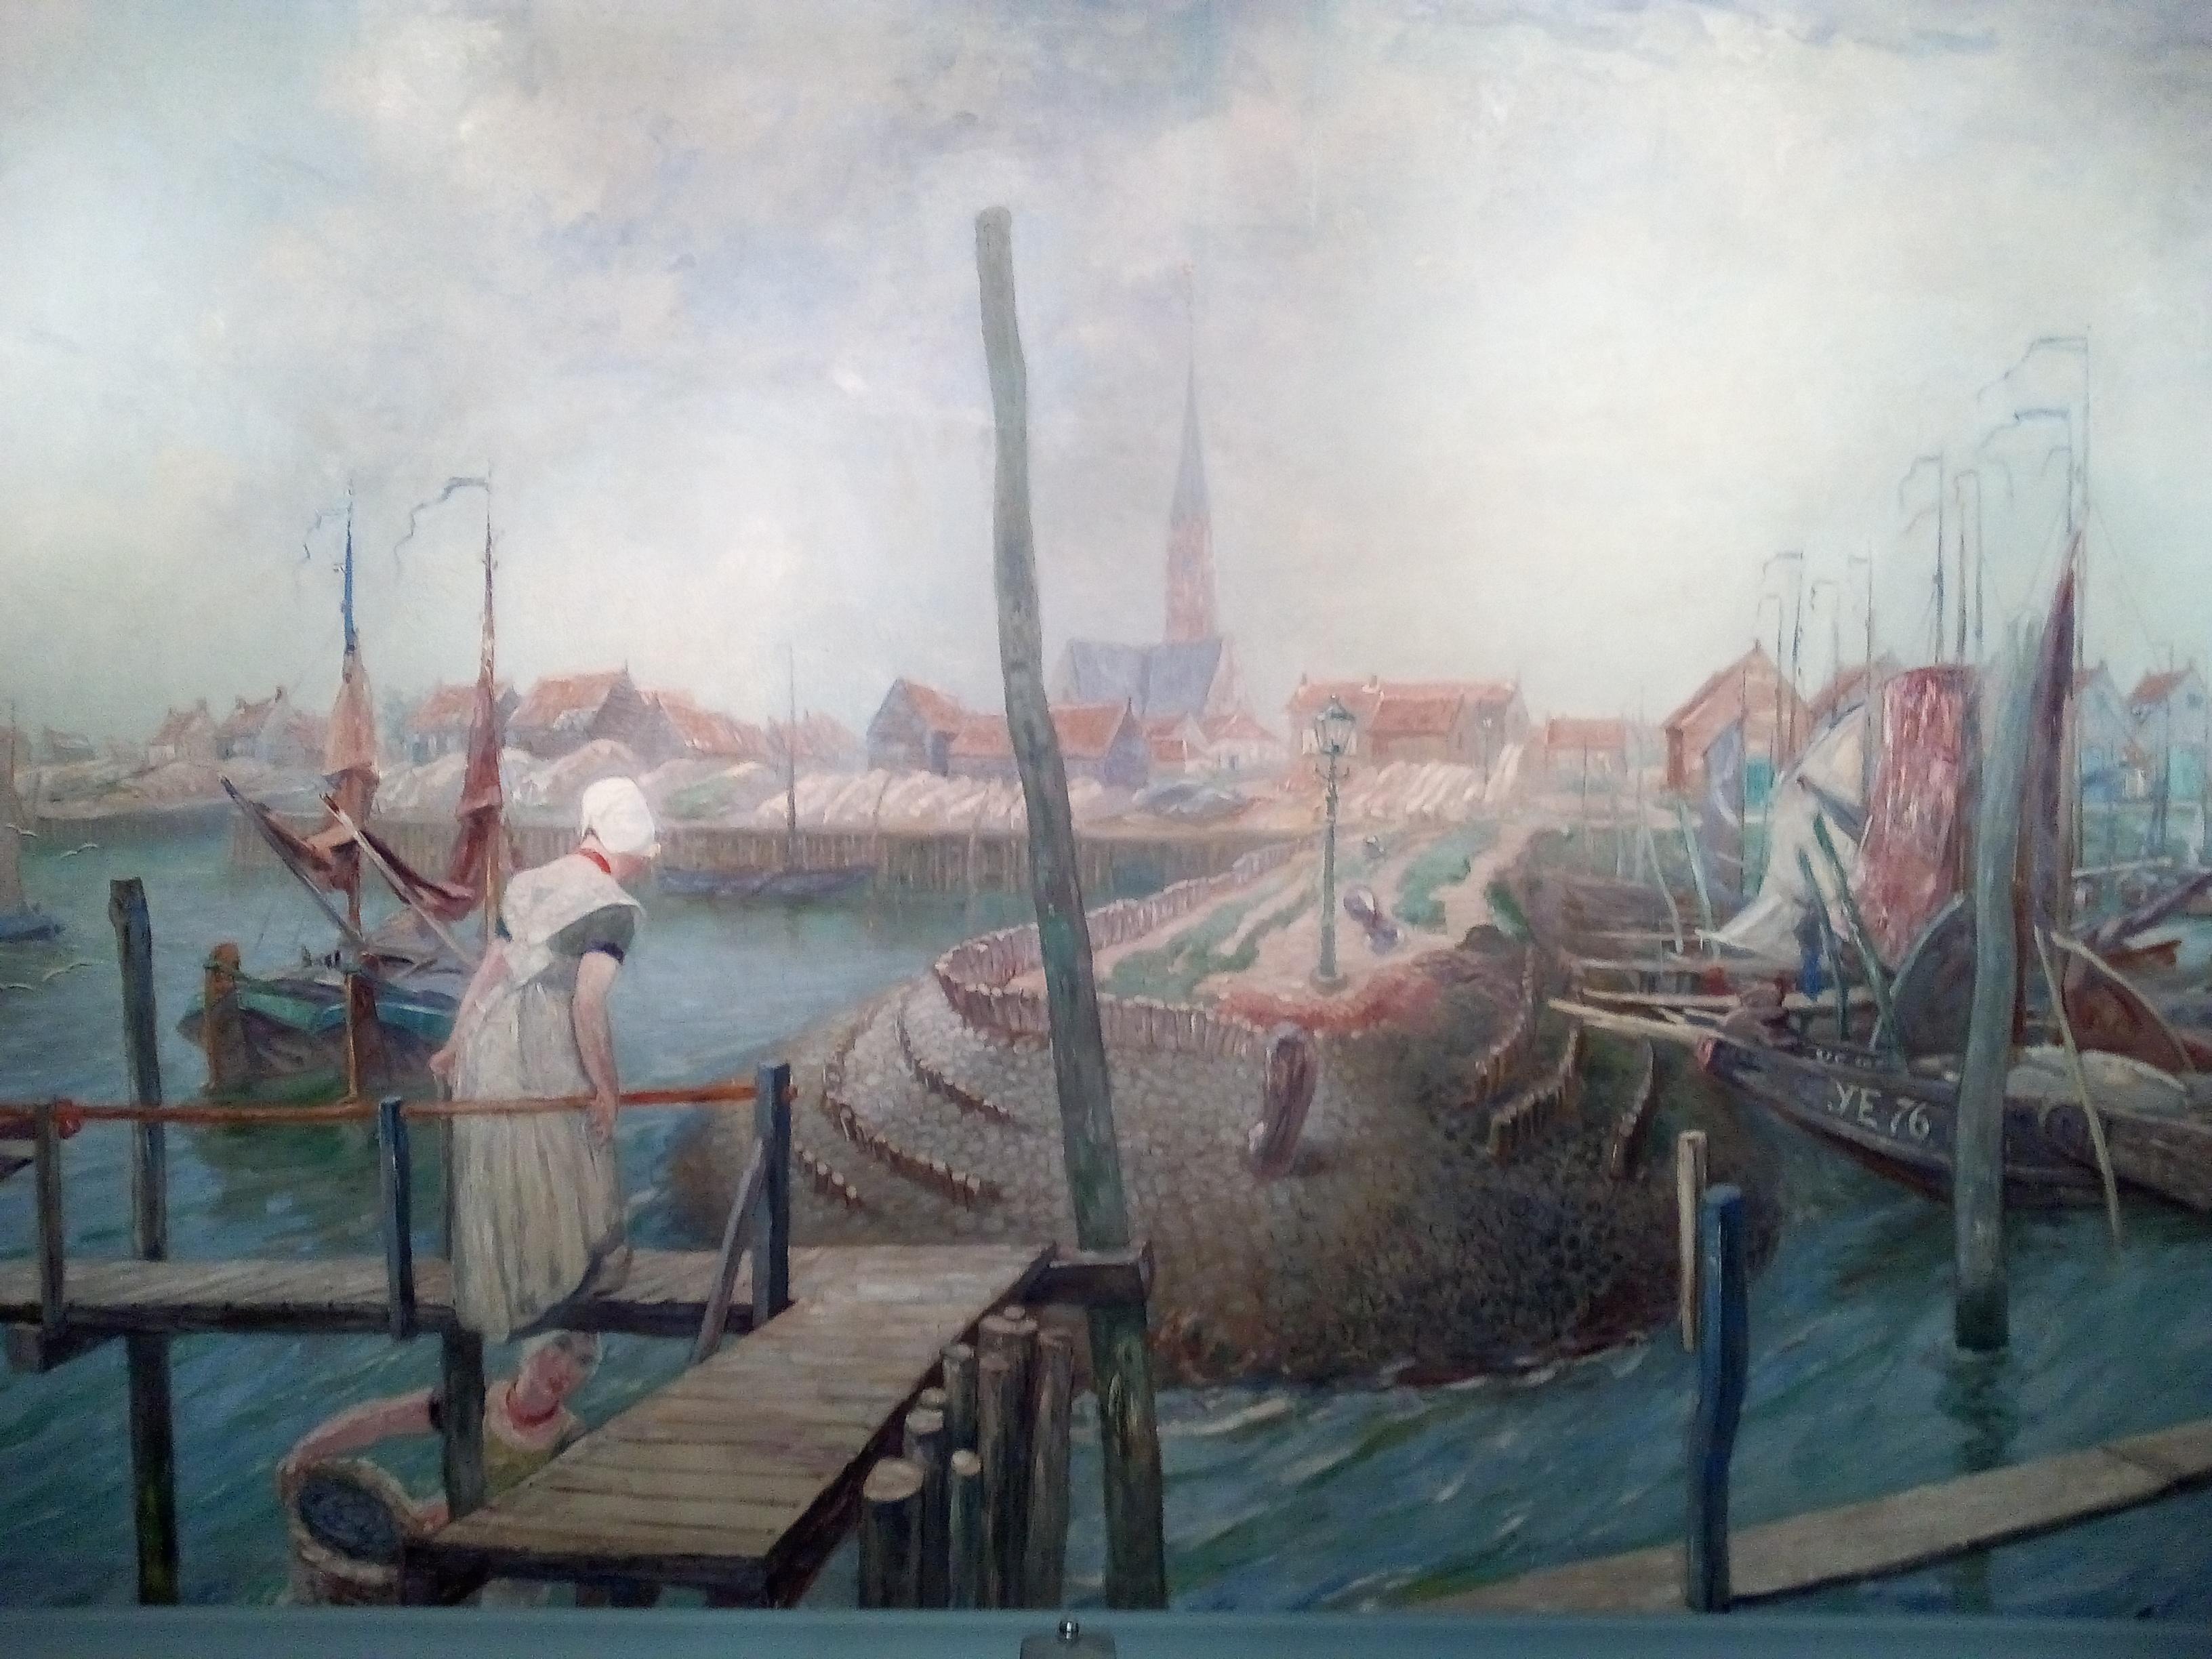 W.F.A.I. Vaarzon Morel, Panorama van de haven van Yerseke, 1913, olieverf op doek (250 x 600 cm), Oosterscheldemuseum, Yerseke.